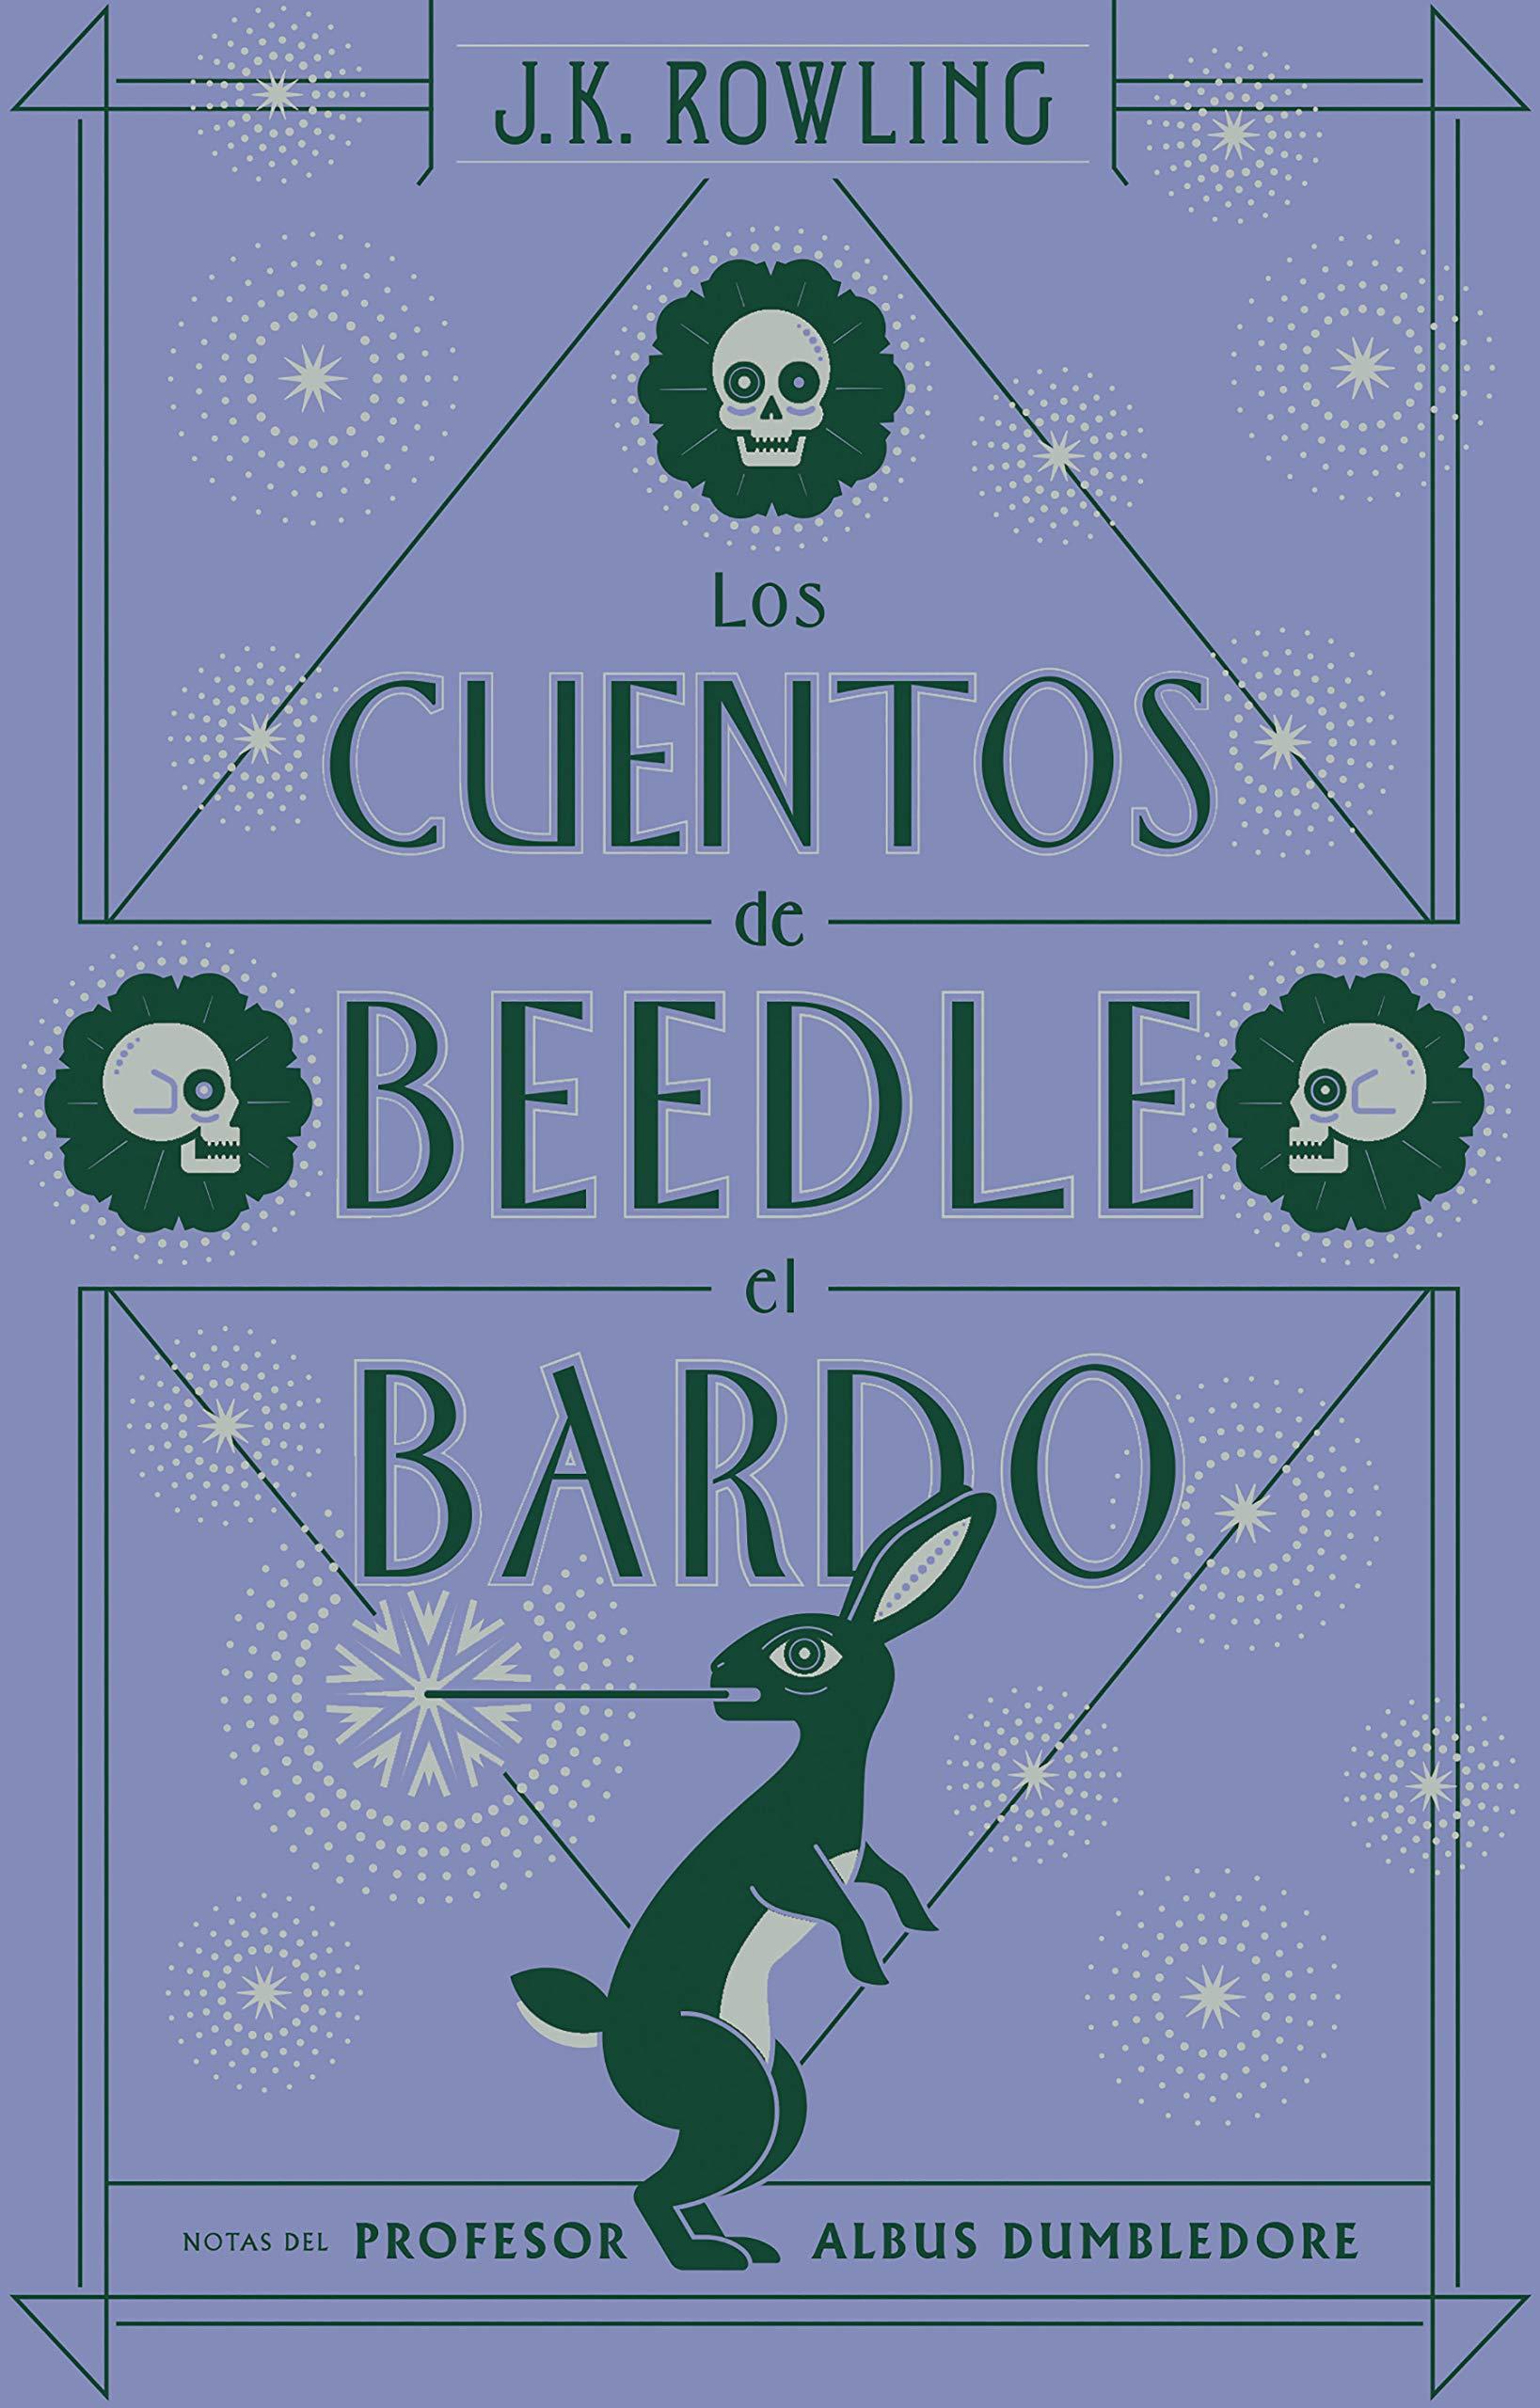 Los cuentos de Beedle el bardo Un libro de la biblioteca de Hogwarts: Amazon.es: Rowling, J.K.: Libros